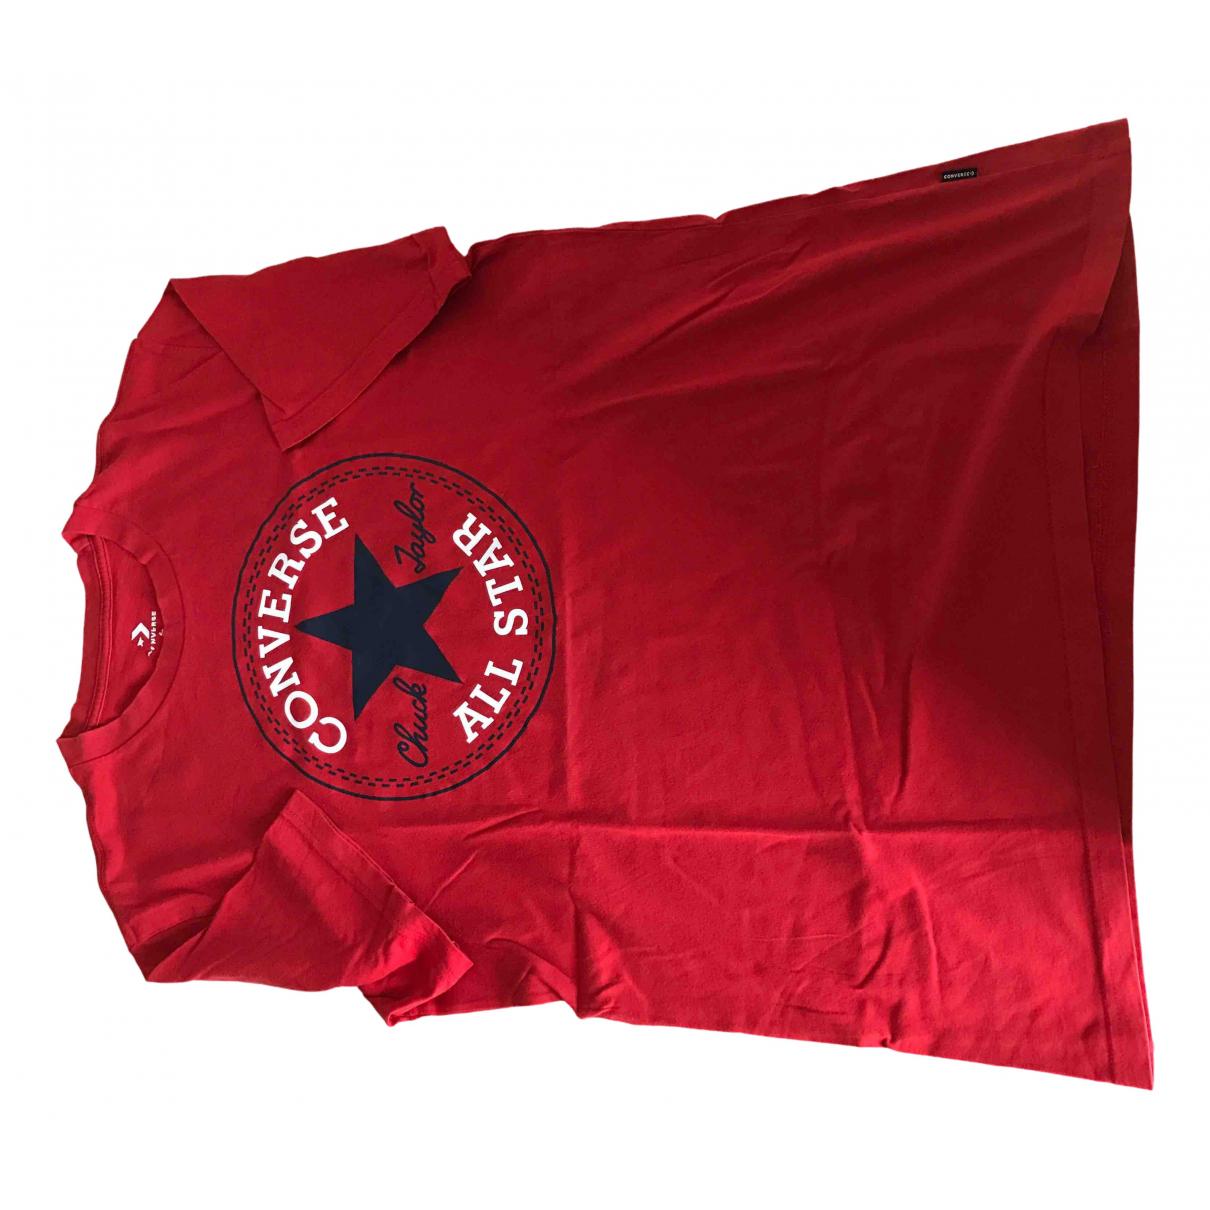 Converse - Tee shirts   pour homme en coton - rouge